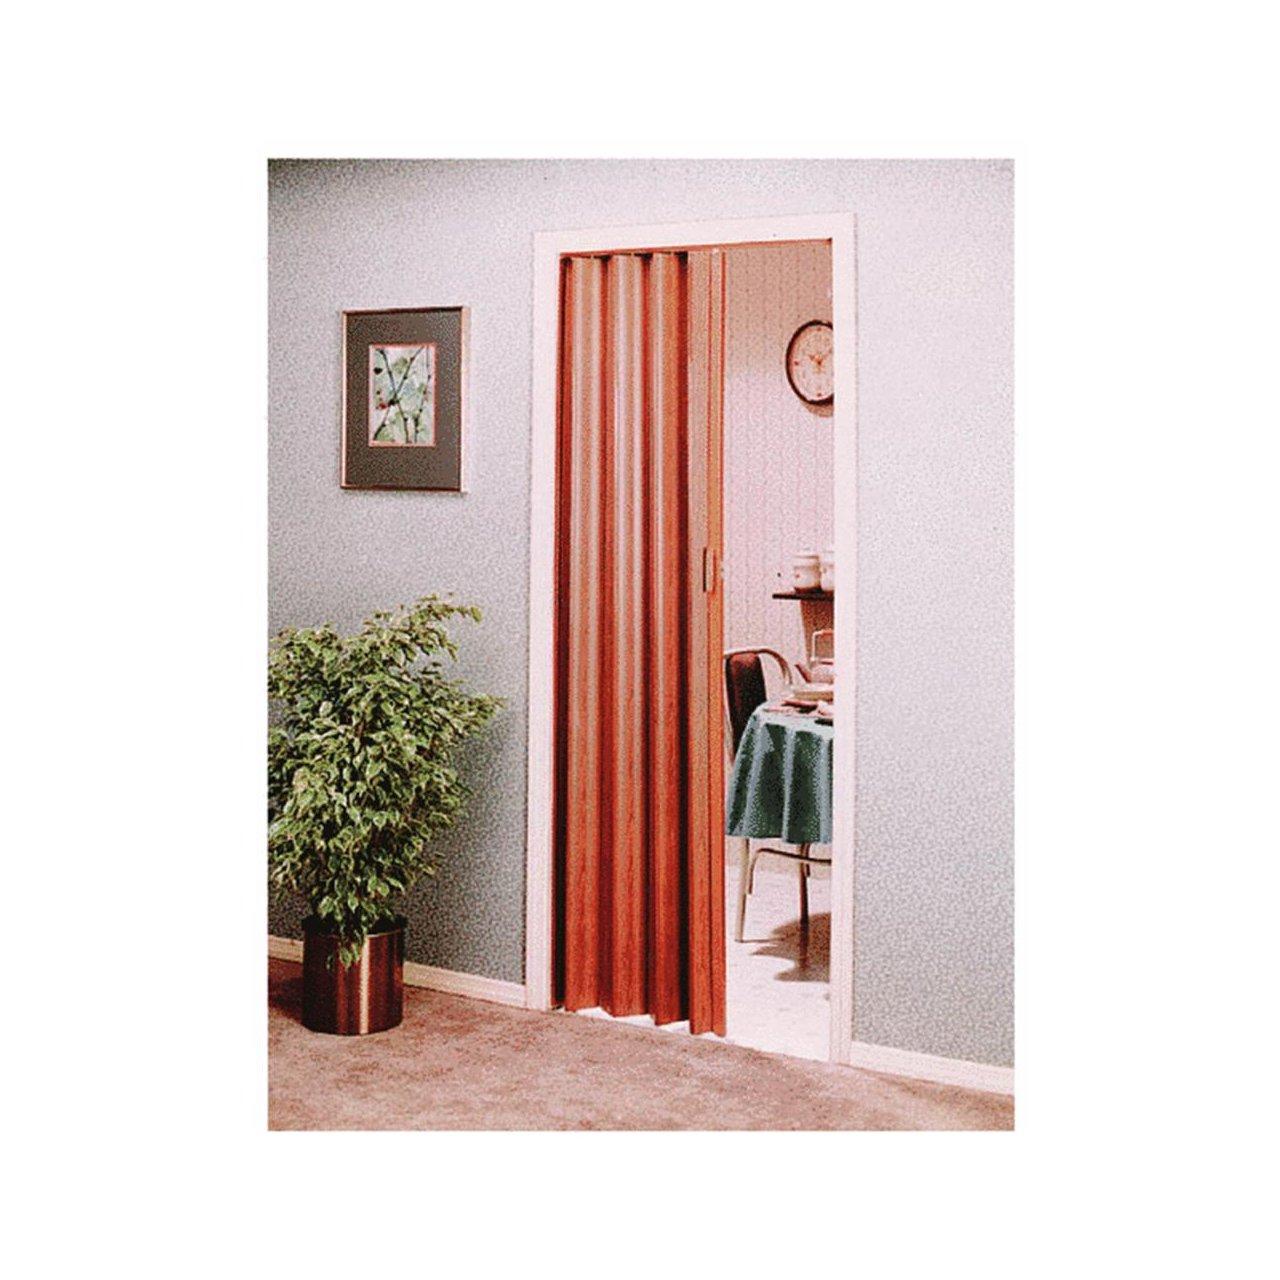 spectrum en3280fl encore accordion door x 80inch reddish brown wood multifold interior doors amazoncom